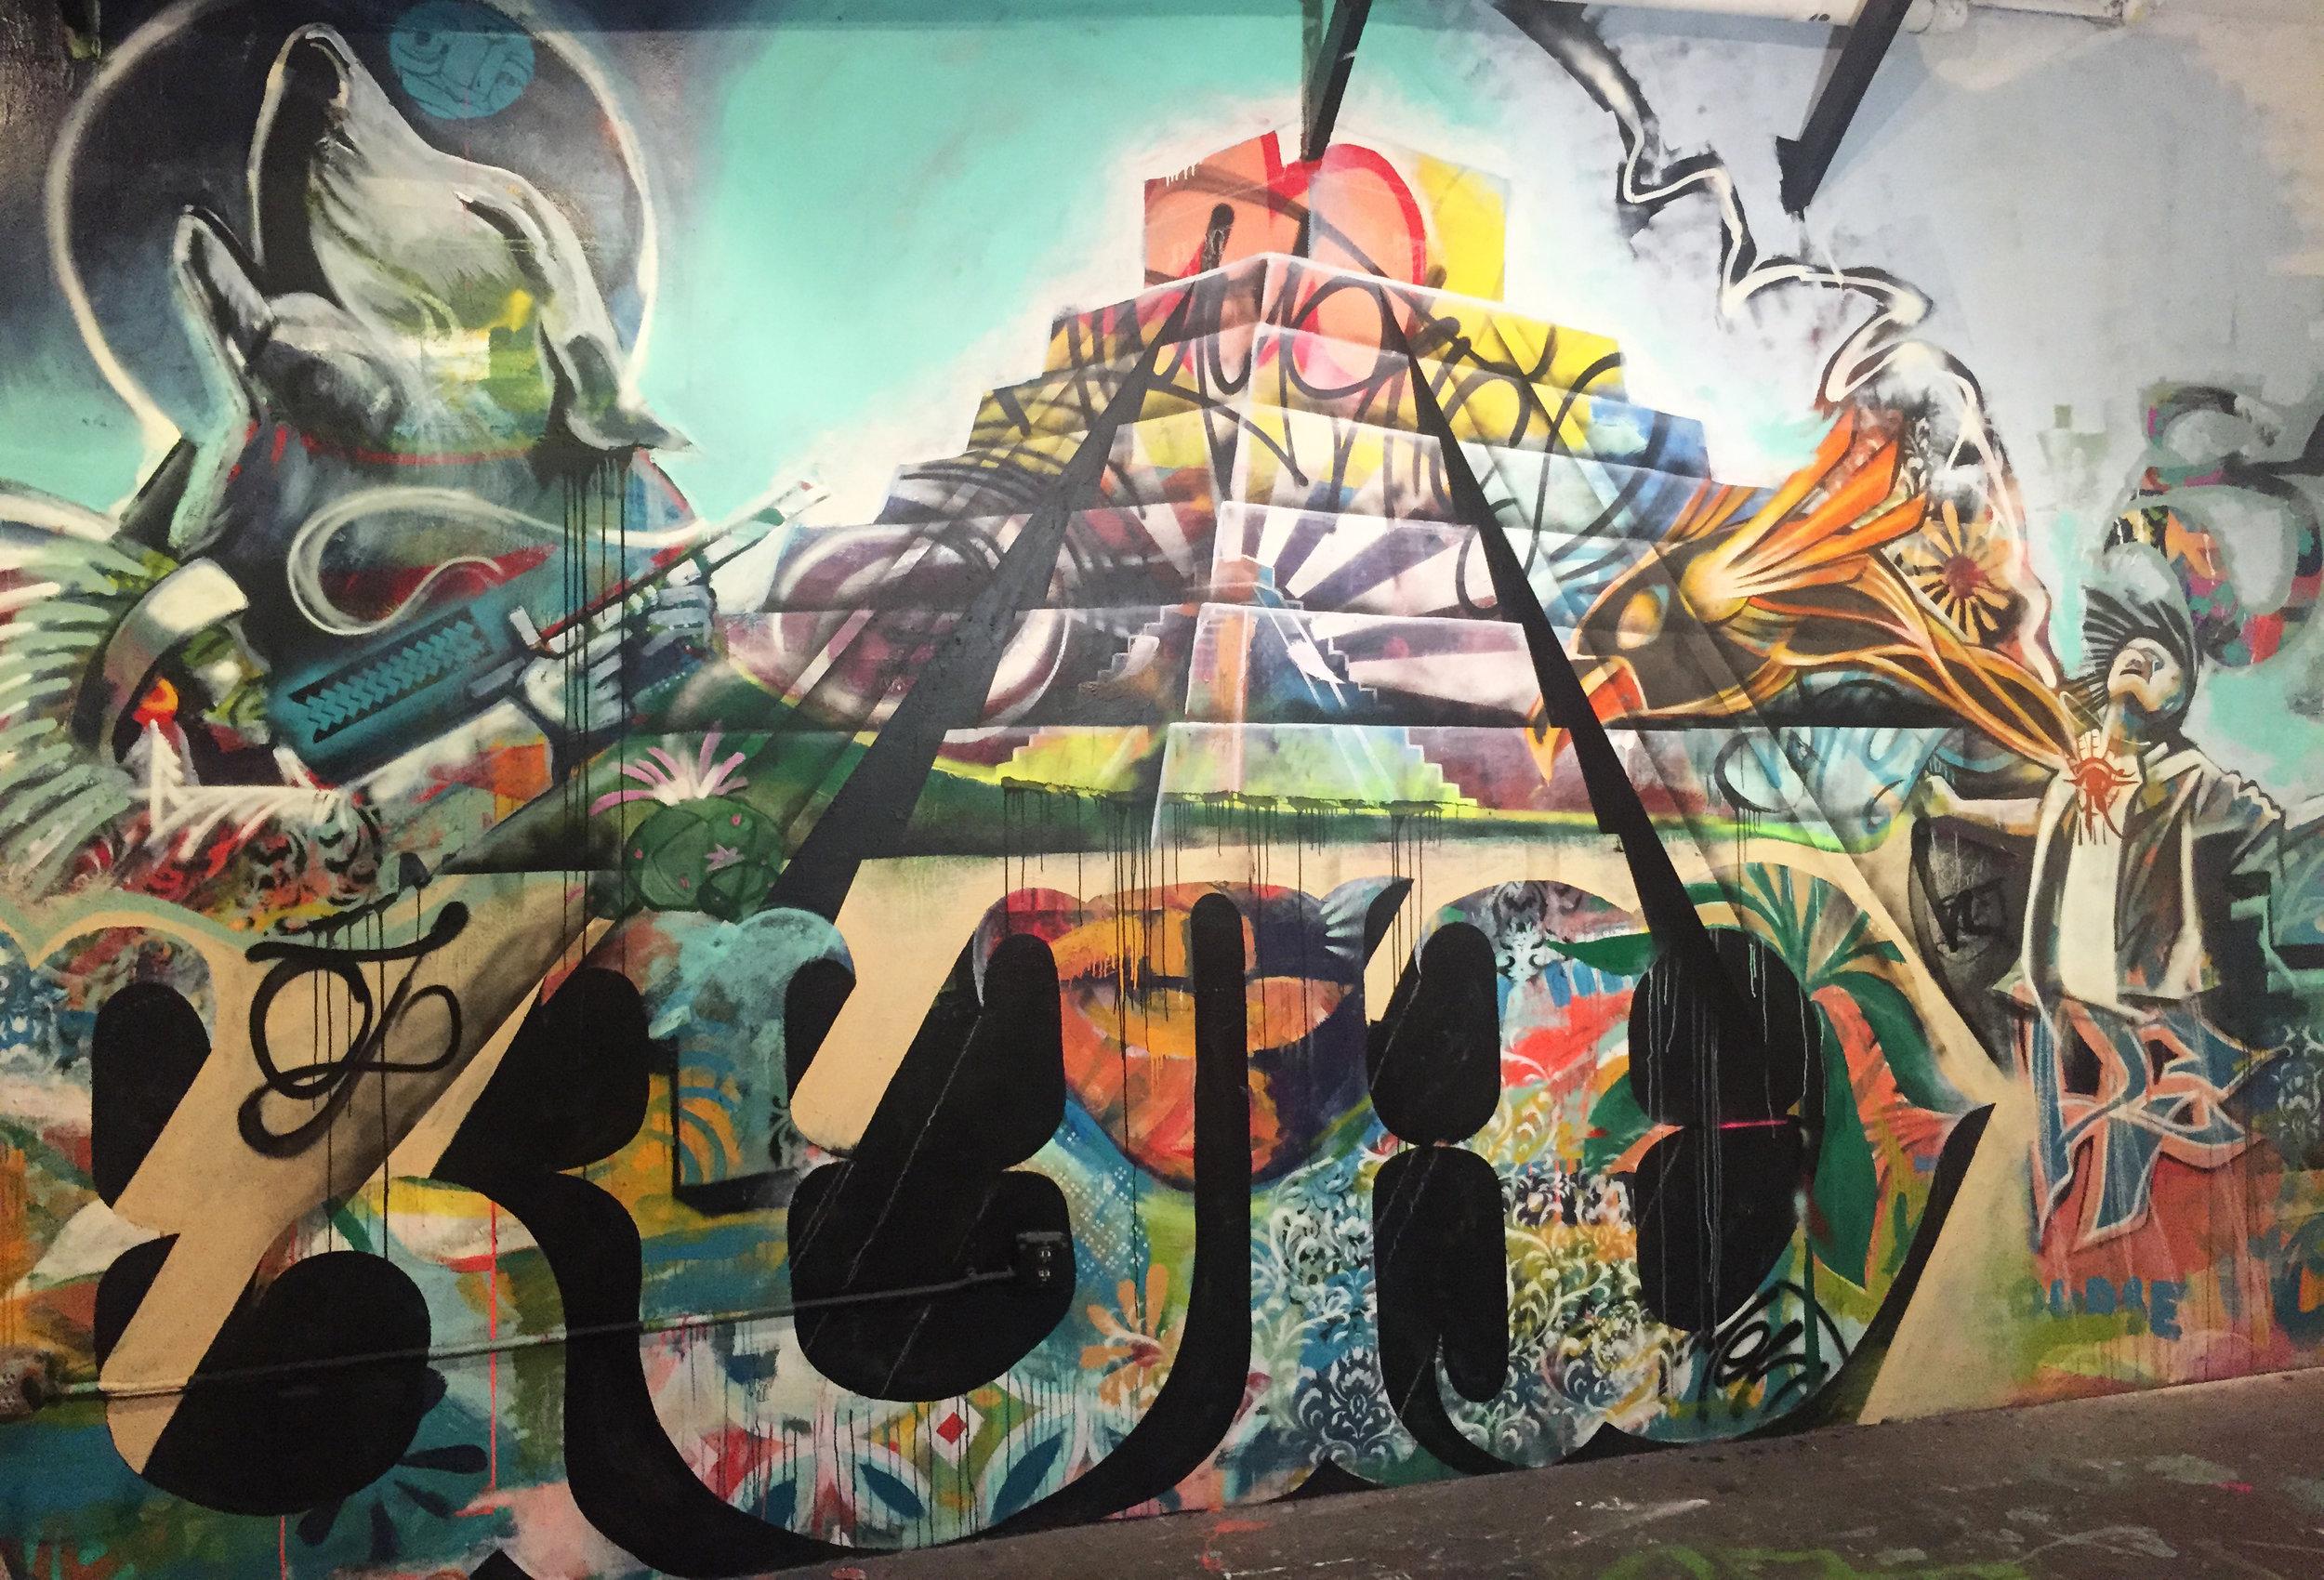 murals_aztek.jpg